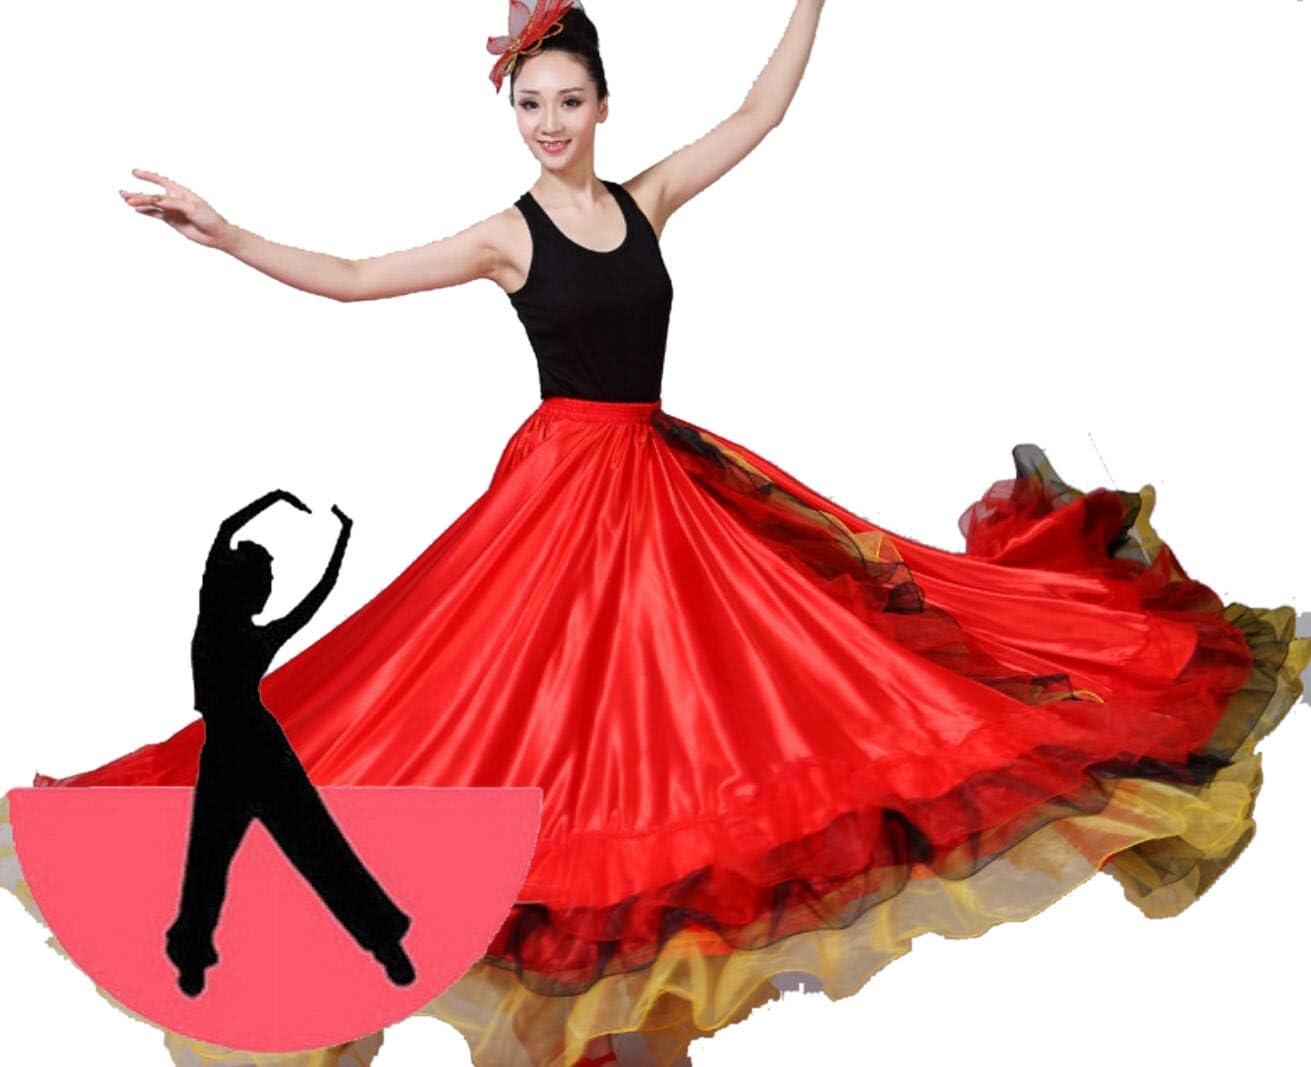 SMACO Faldas de Flamenco españolas Trajes de Baile de Flamenco ...